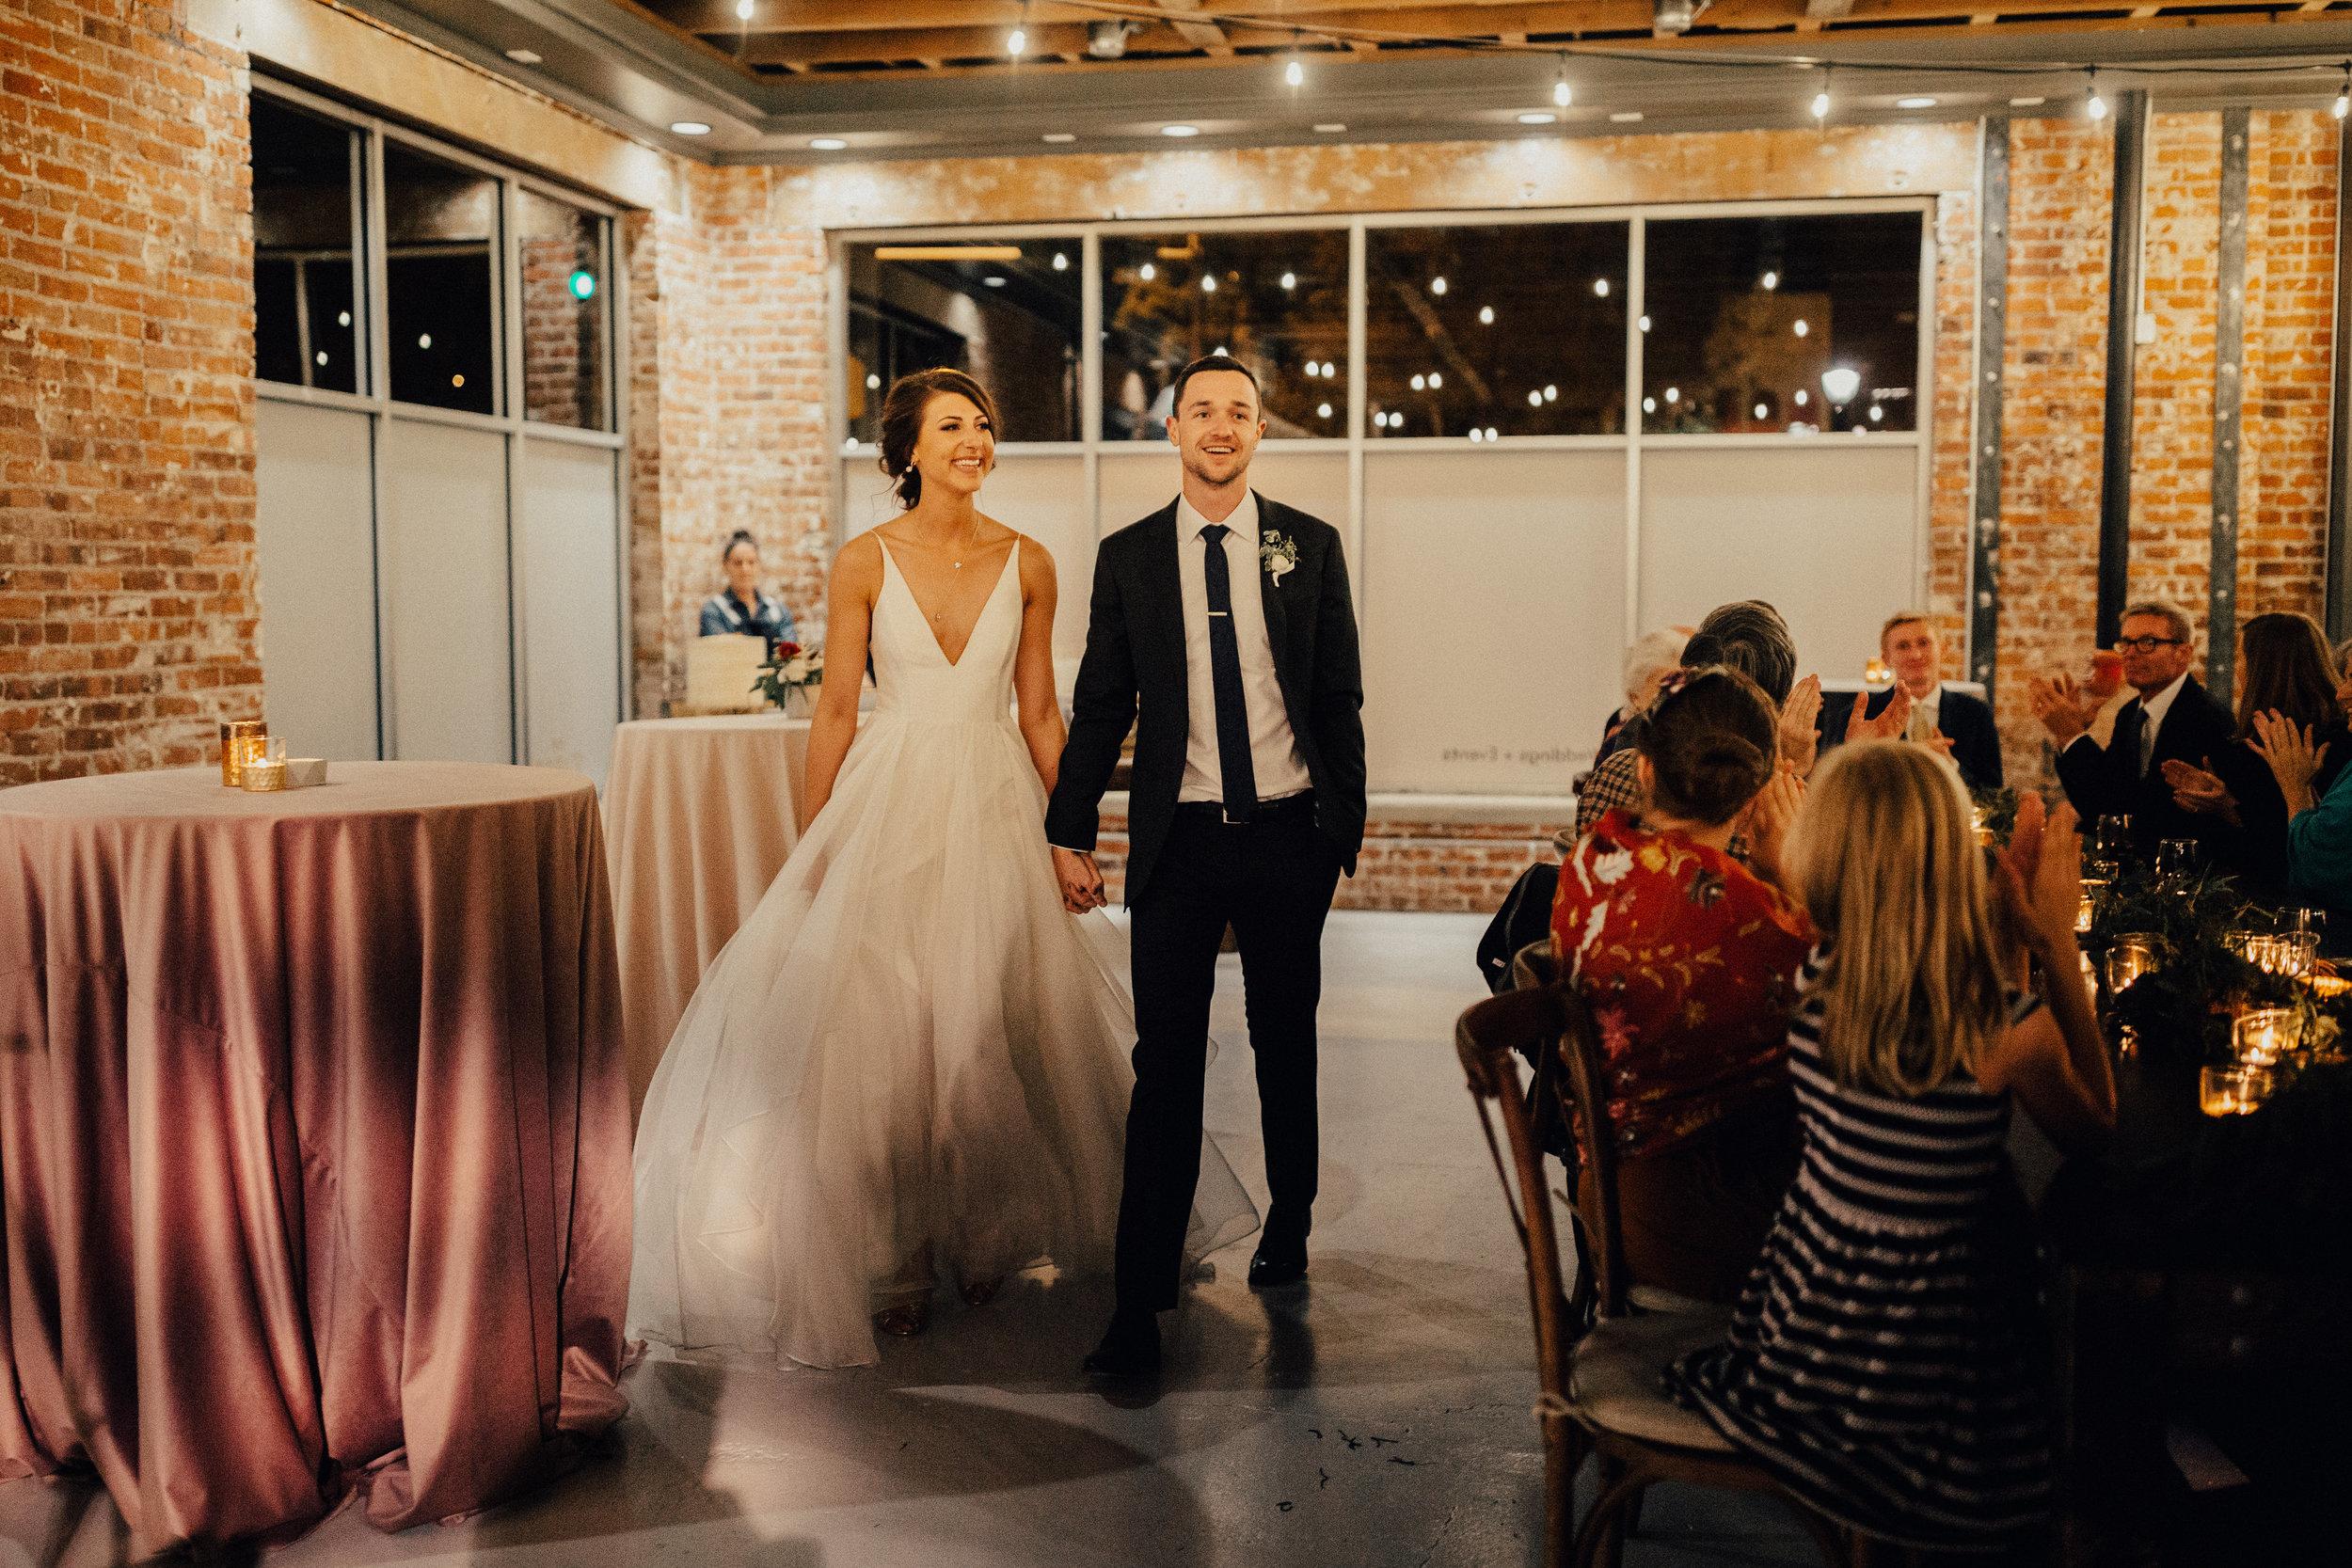 David Haley WEDDING October 13th 2017-Final October 13th 2017-0576.jpg